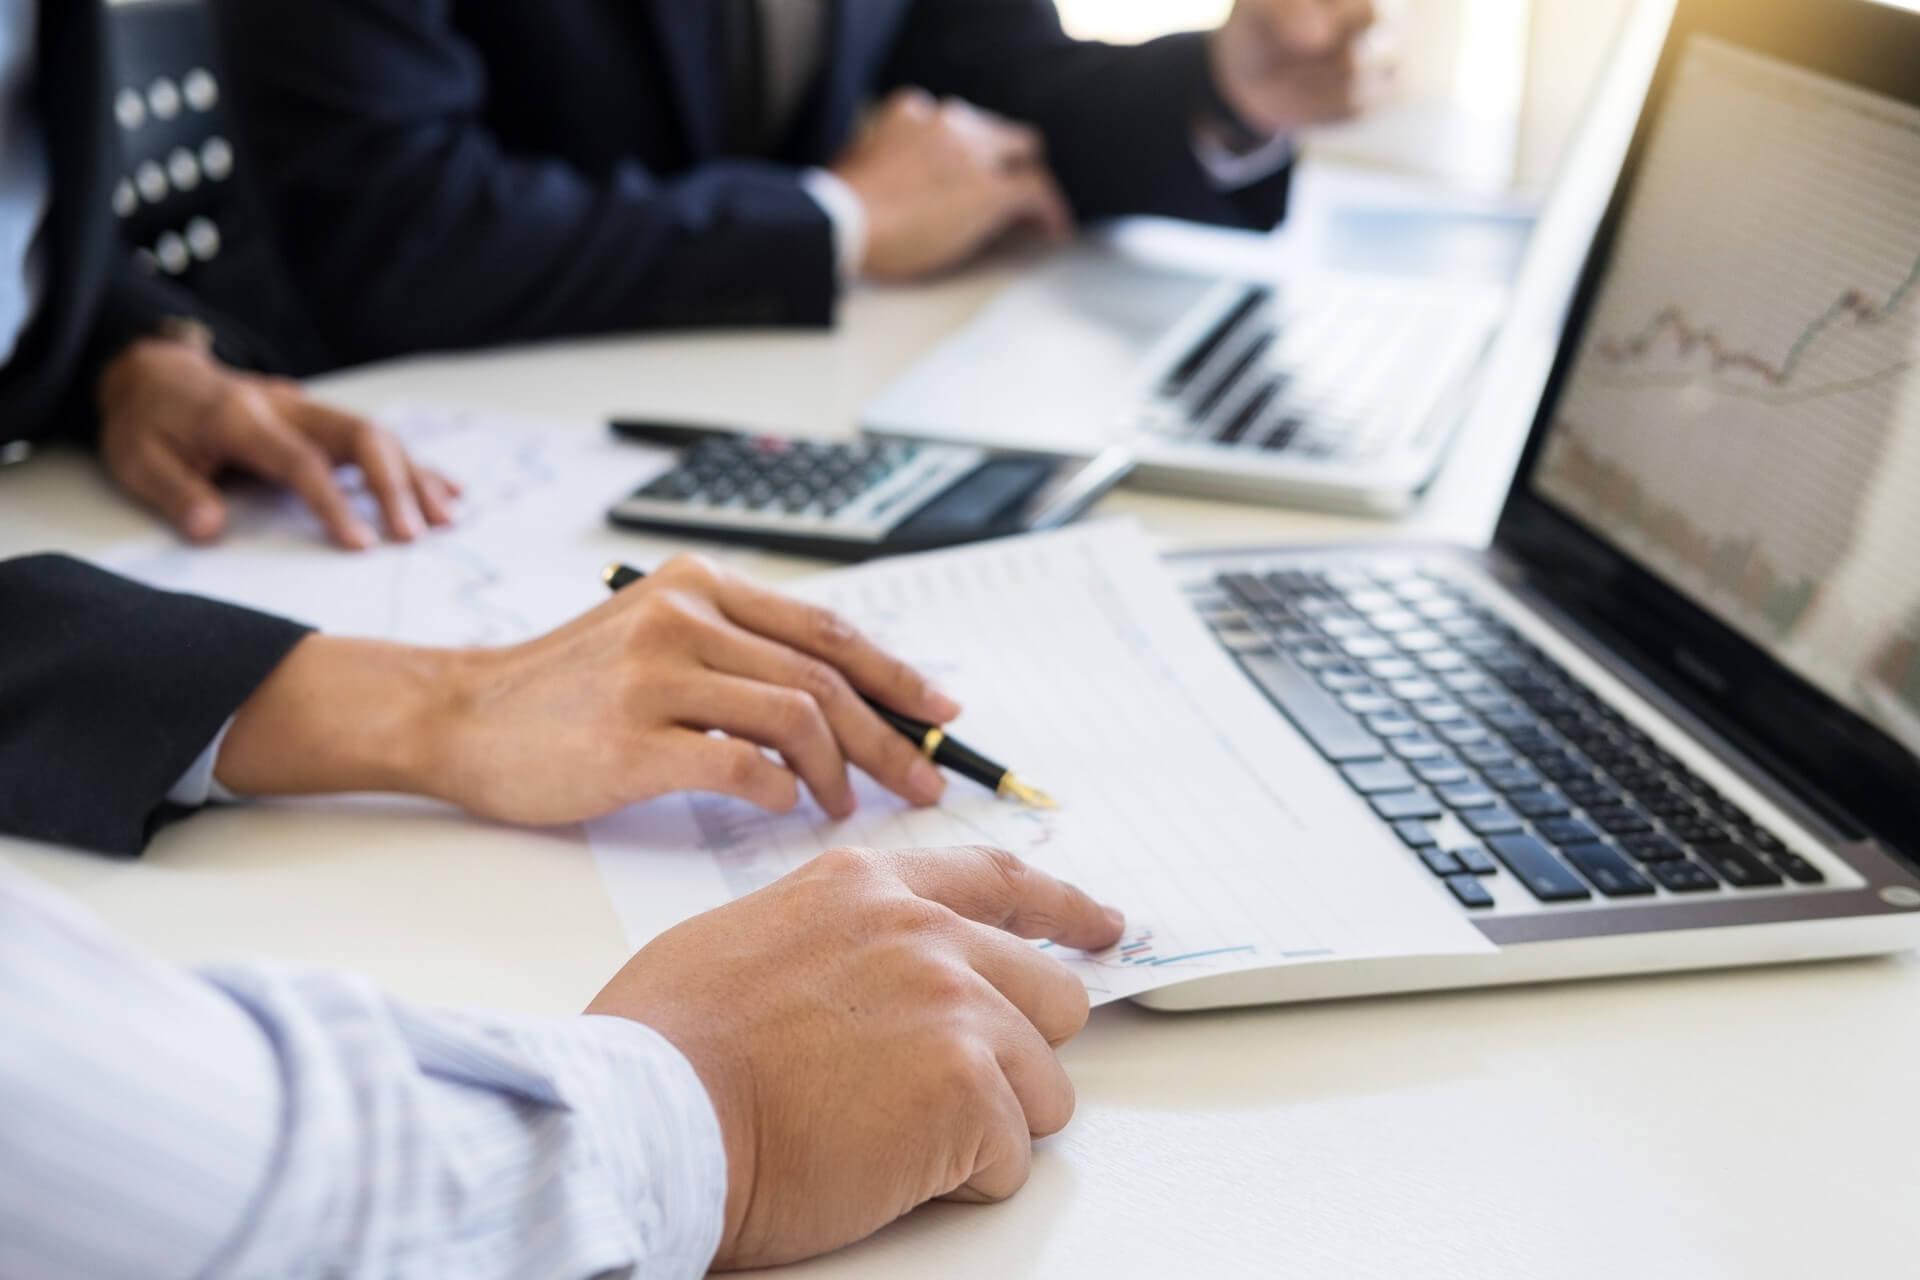 Pessoas De Negócios Analisando Gráficos E Calculando Estornos Dos Marketplaces.